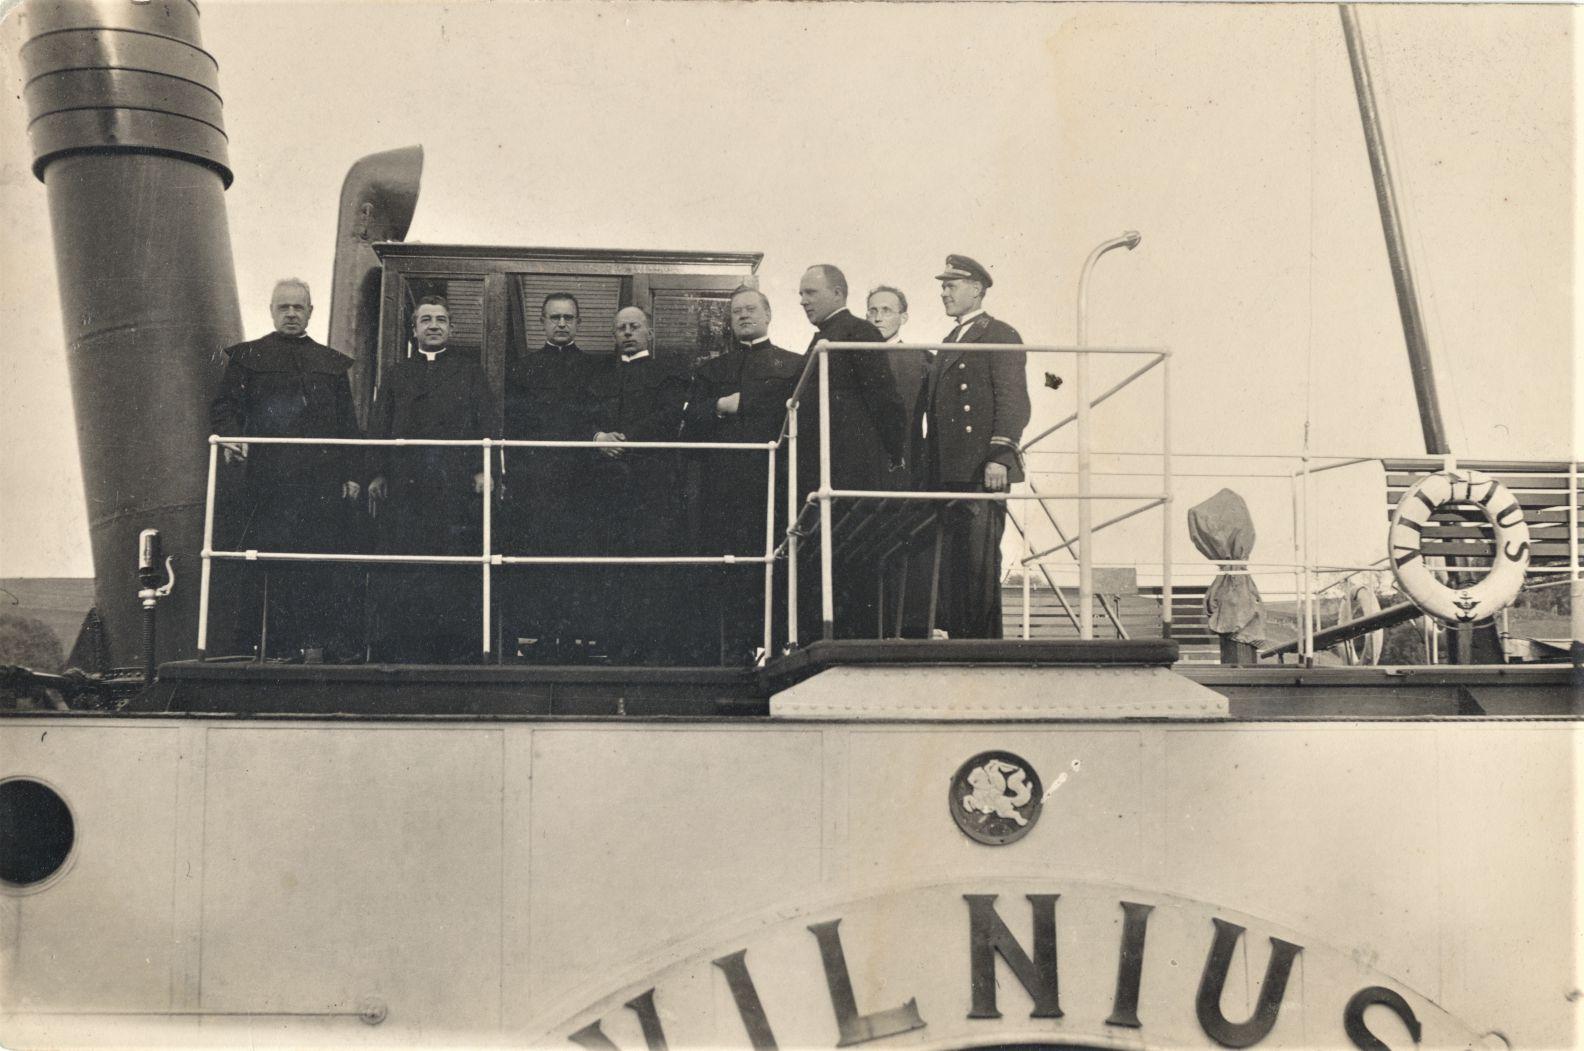 Ant kapitono tiltelio iš kairės stovi: Maironis, P. Penkauskas, J. Meškauskas, S. Ūsoris, M. Morkelis ir kiti